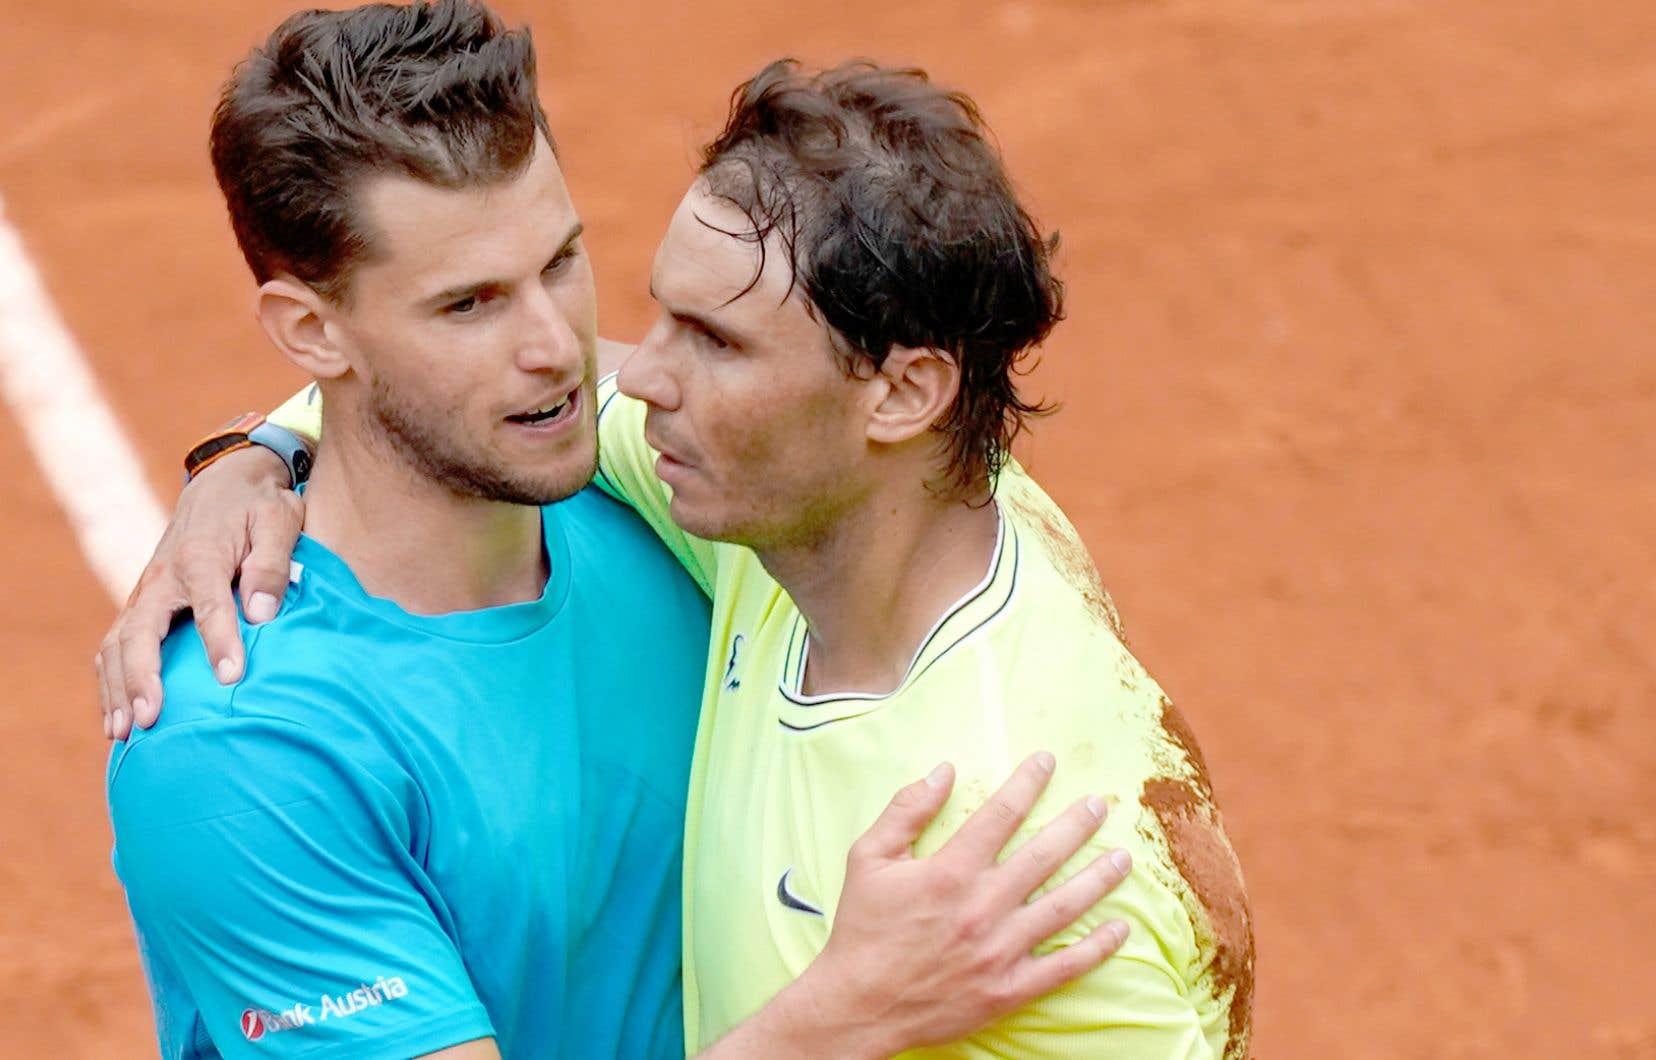 Le tournoi parisien ne se conclura pas pour la troisième année d'affilée par une finale entre l'Espagnol Rafael Nadal (à droite) et l'Autrichien Dominic Thiem, qui se rencontreront, en cas de victoires, en demi-finale.